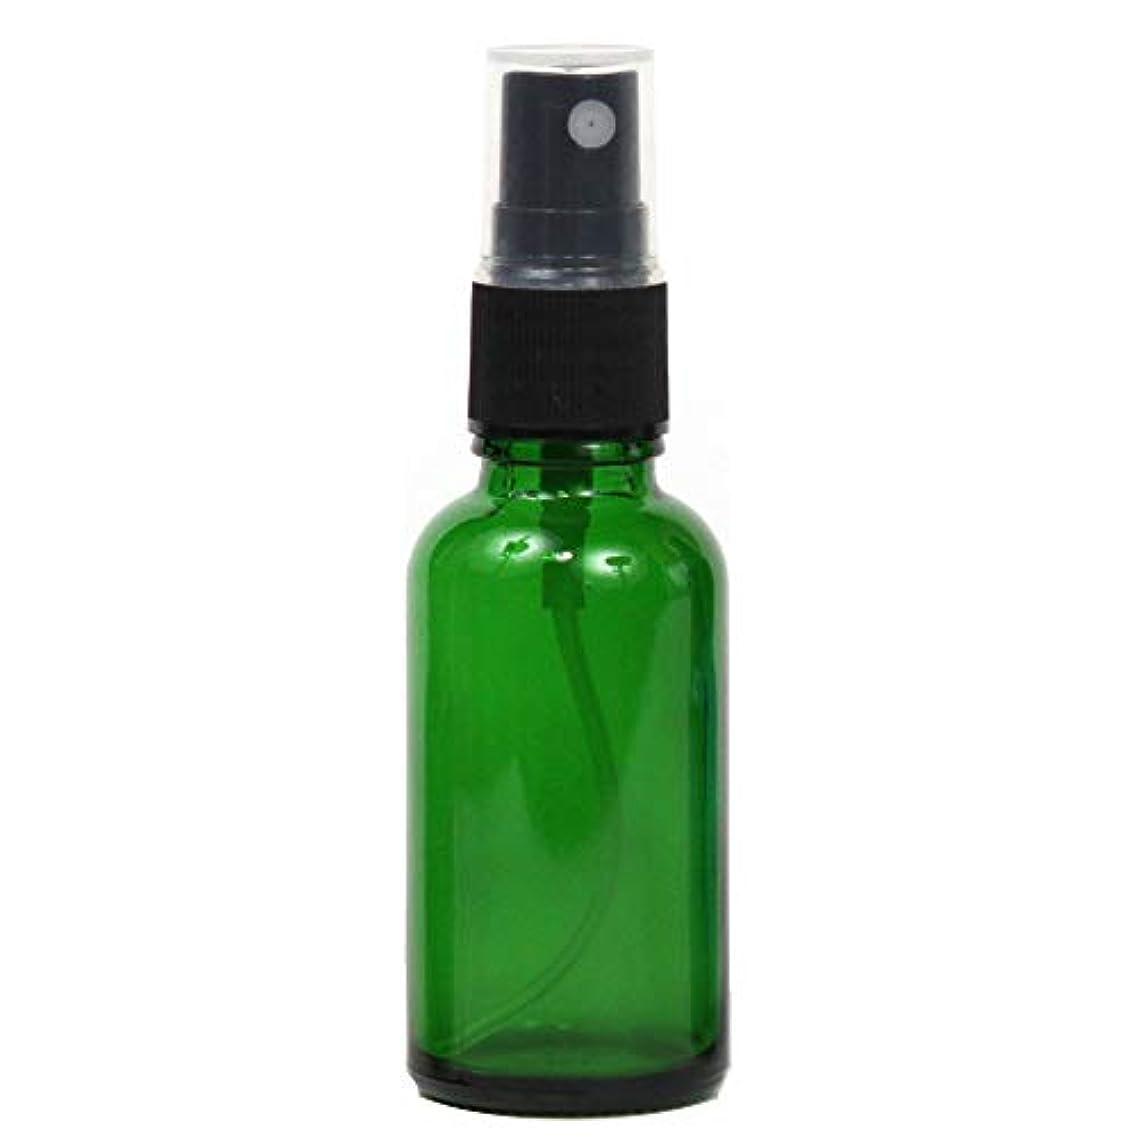 埋めるドラムコストスプレーボトル 30mL ガラス遮光性グリーン 瓶 空容器 グリーン 4個